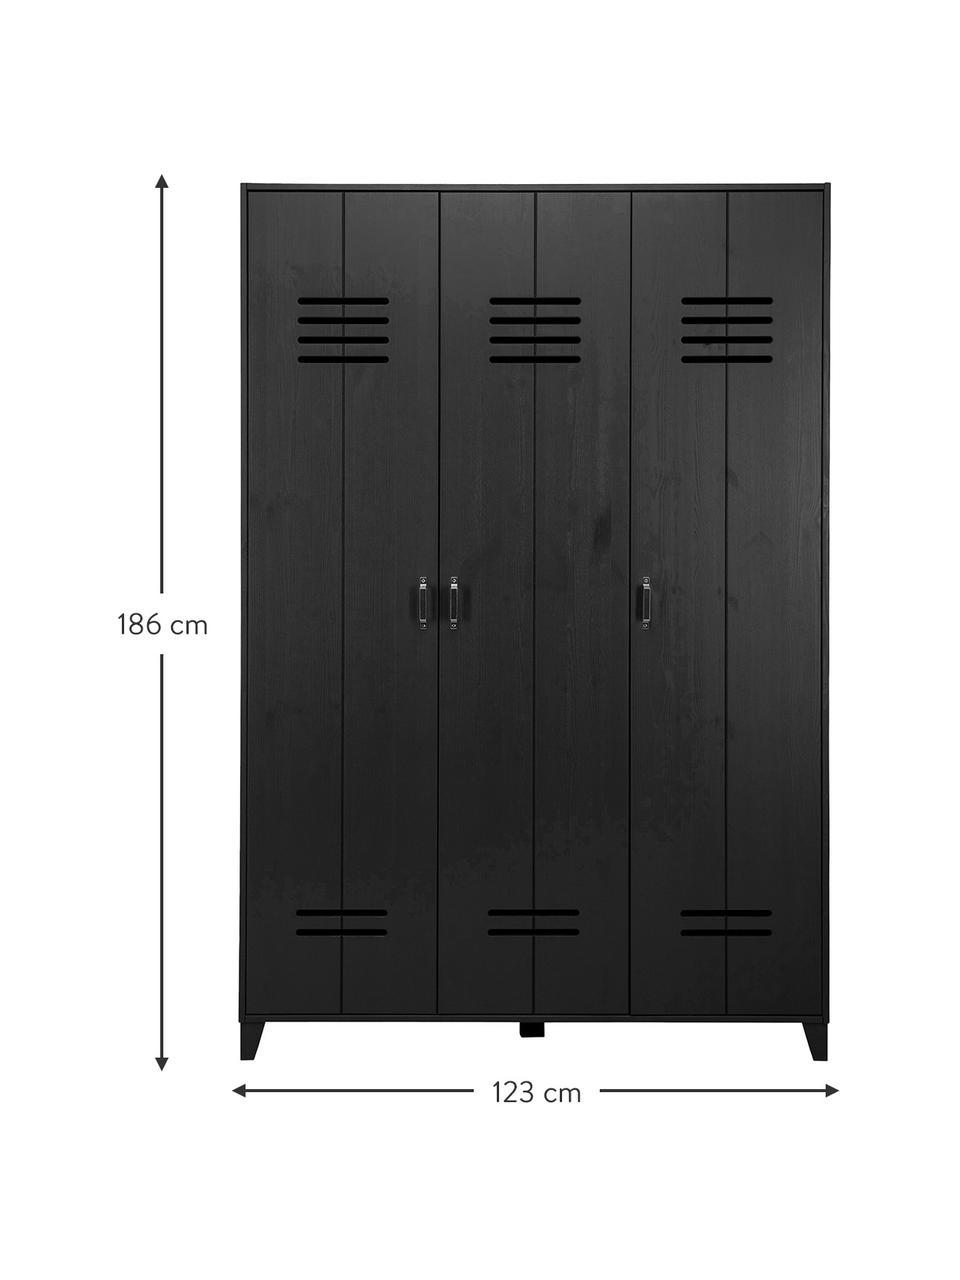 Holzkleiderschrank Locker in Schwarz, Kiefernholz, beschichtet, Schwarz, 123 x 186 cm